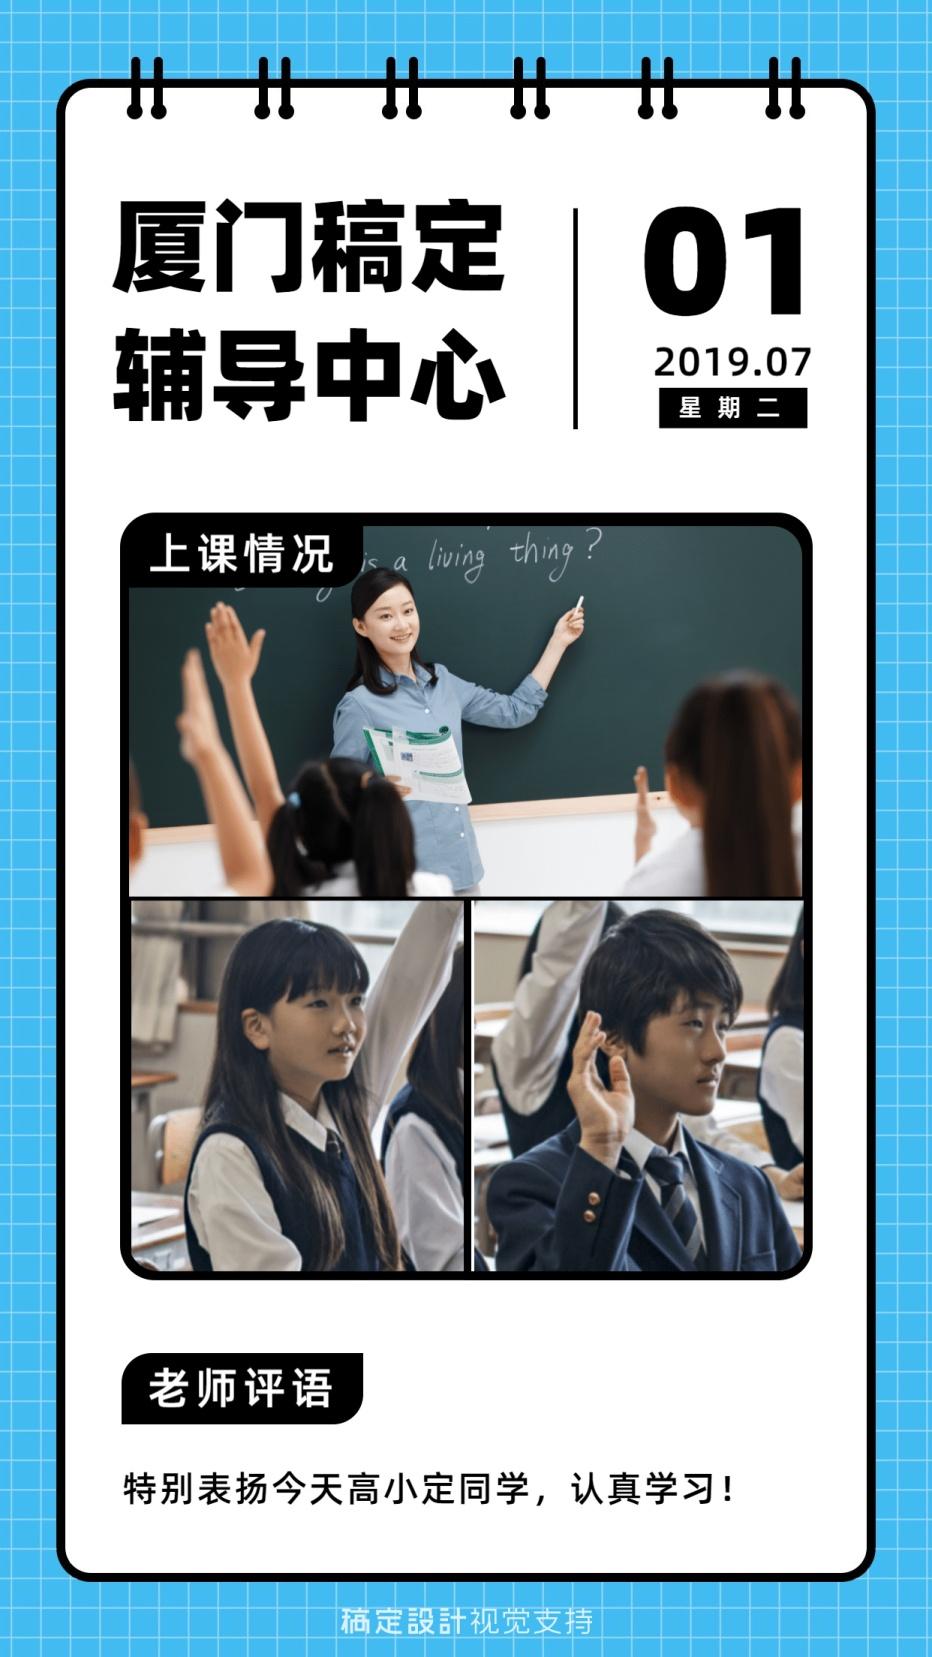 暑假招生机构晒图相册课堂海报